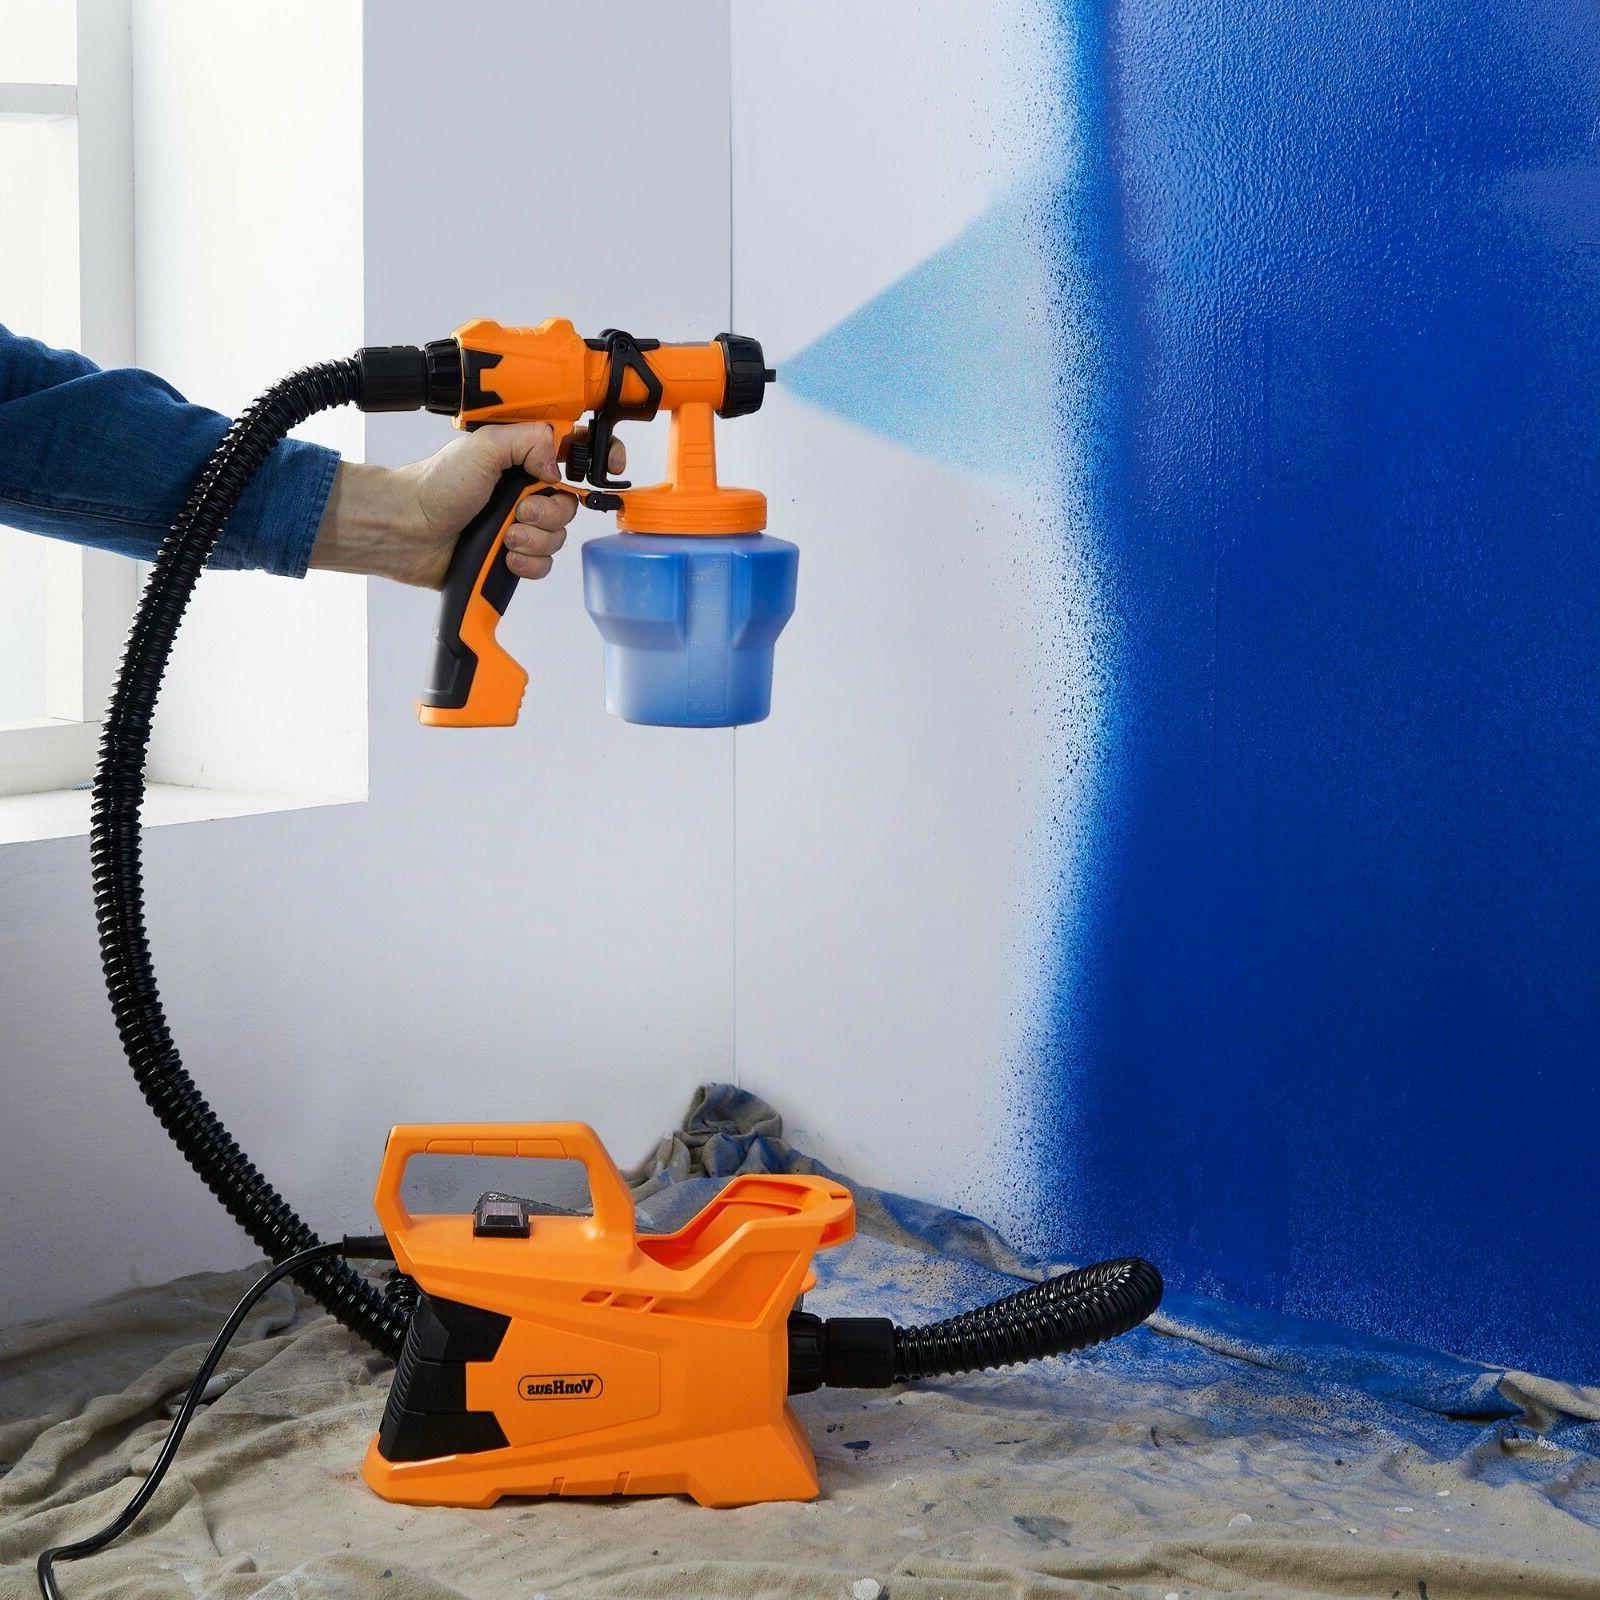 VonHaus 6.5A Paint Sprayer Station Spray Pattern